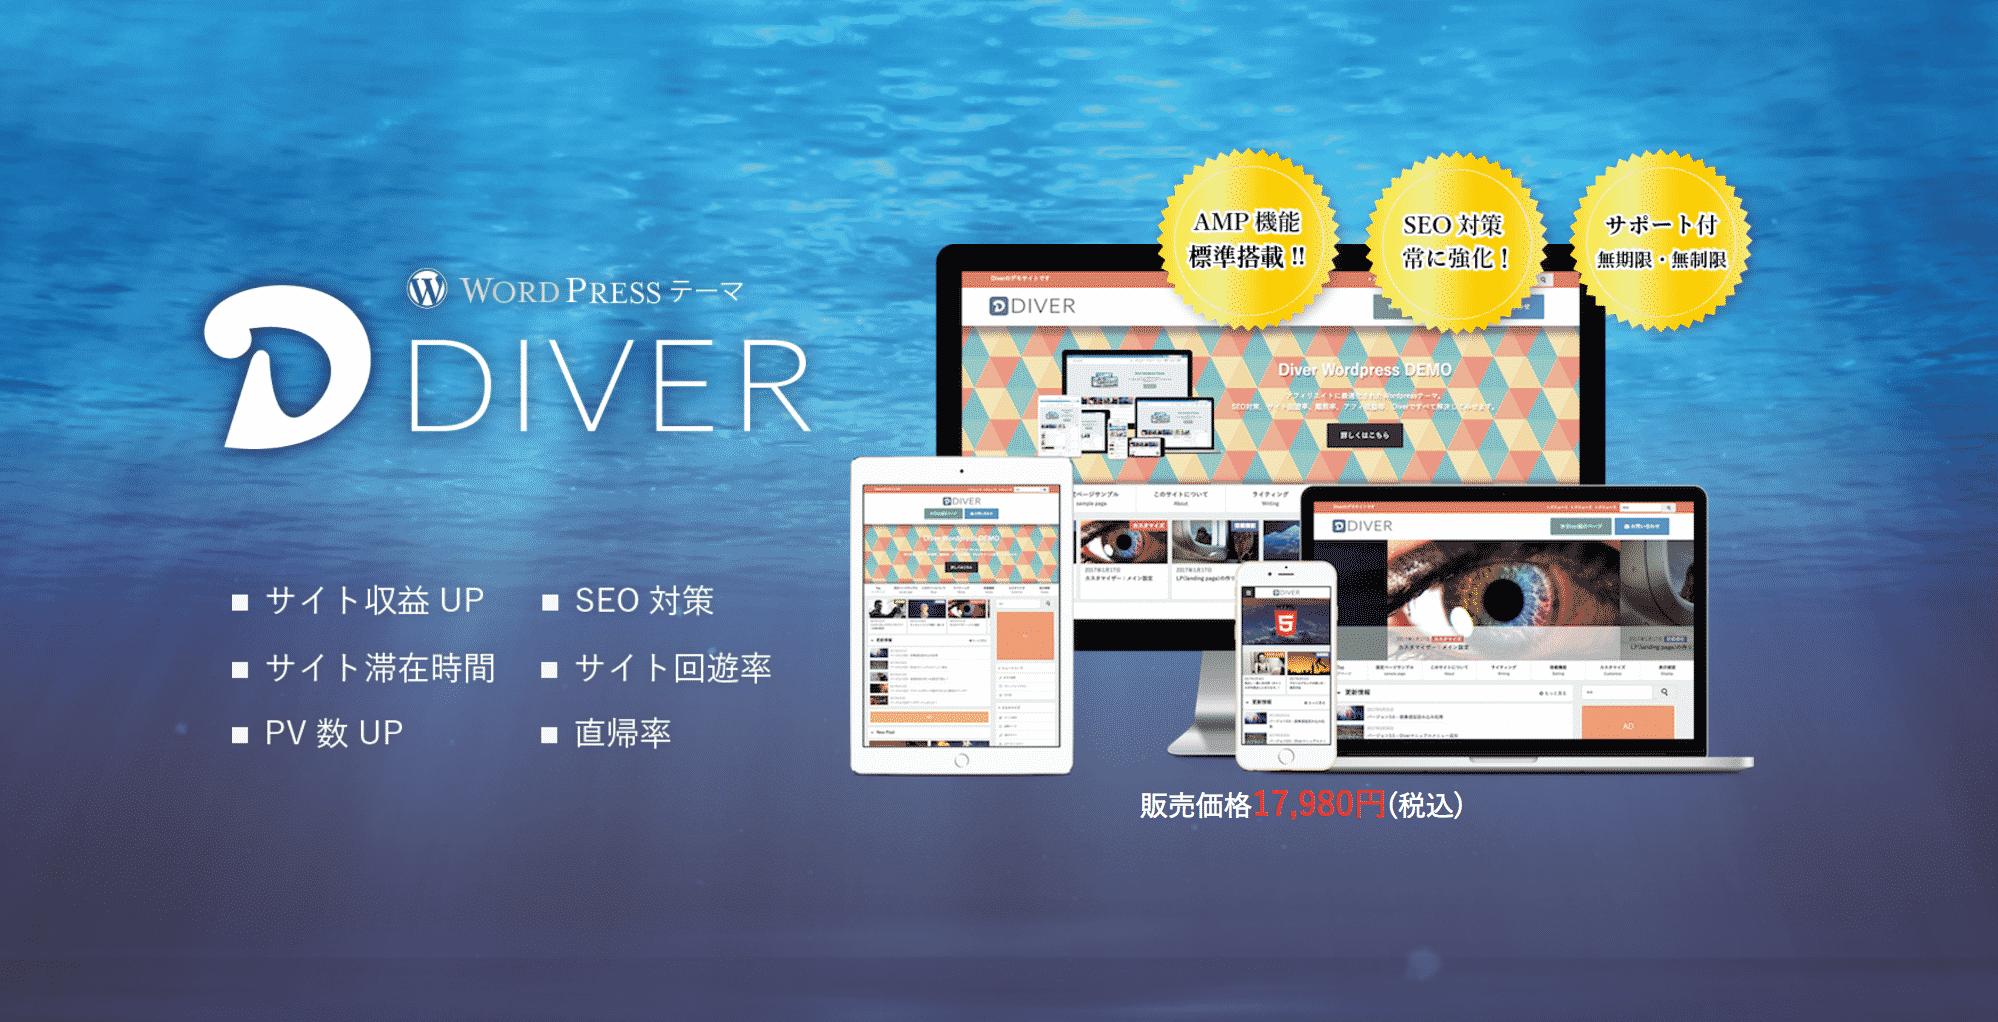 祝ブログ2周年!一目惚れで即決購入した有料テーマDiverでデザインリニューアルしました